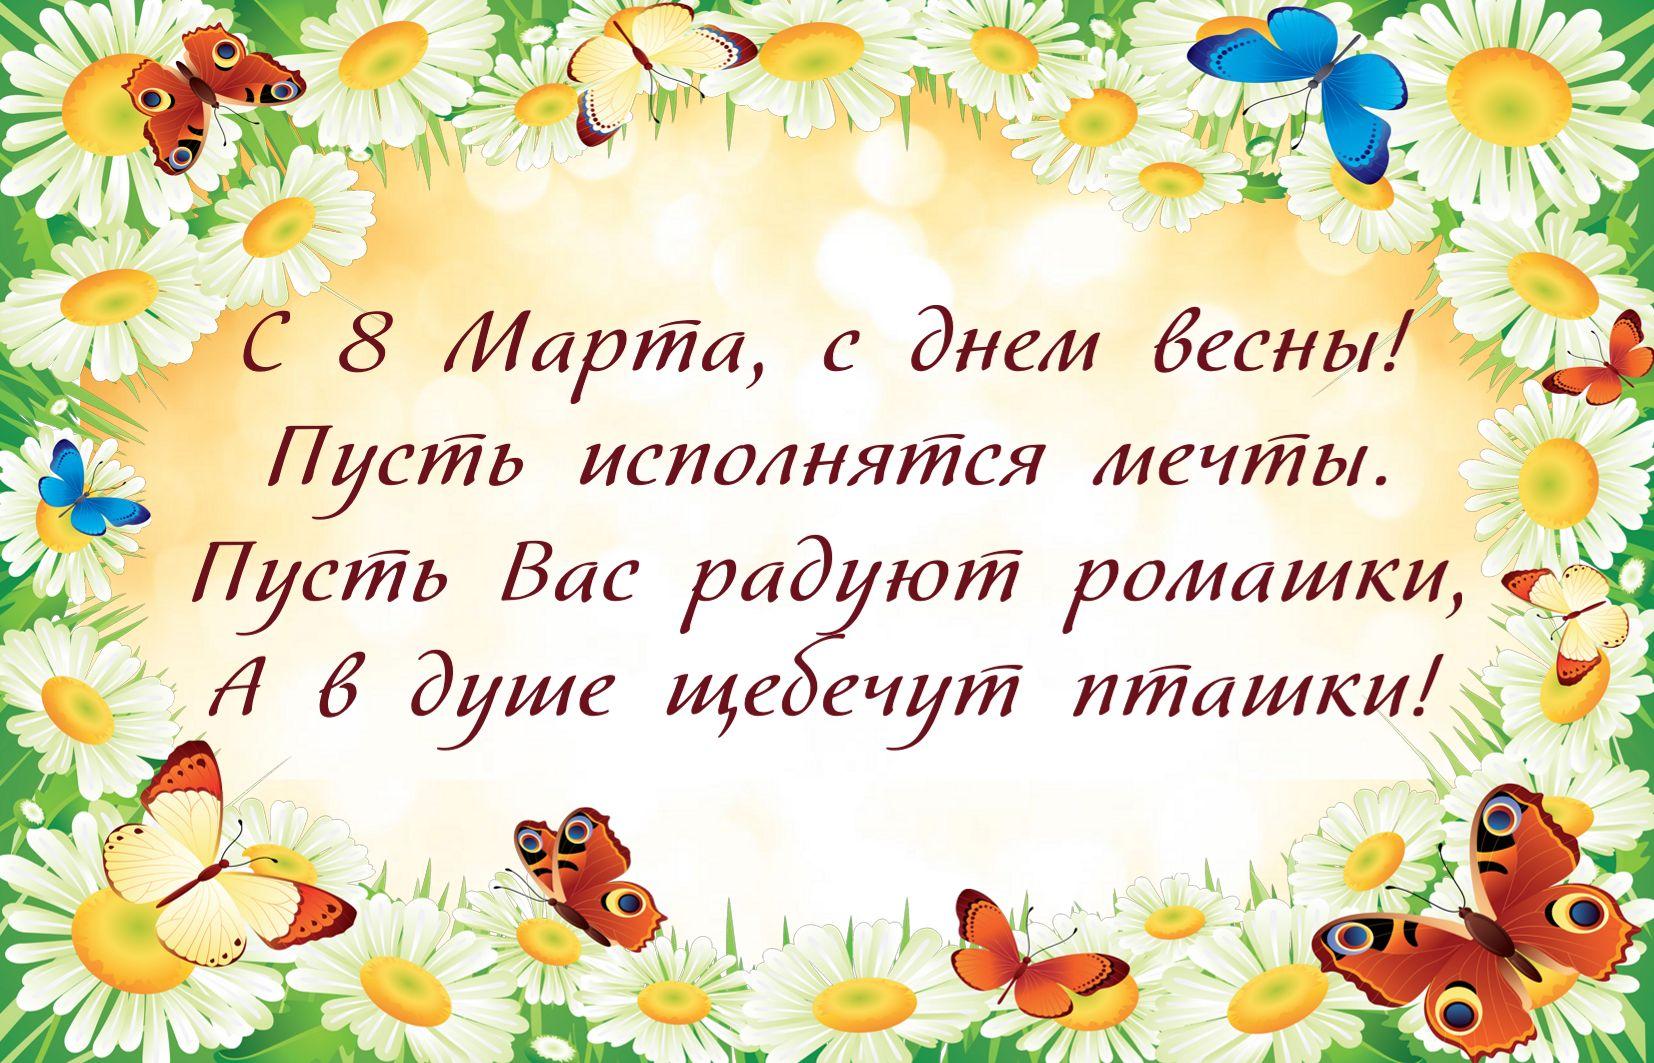 Поздравление с 8 марта в рамке из цветов